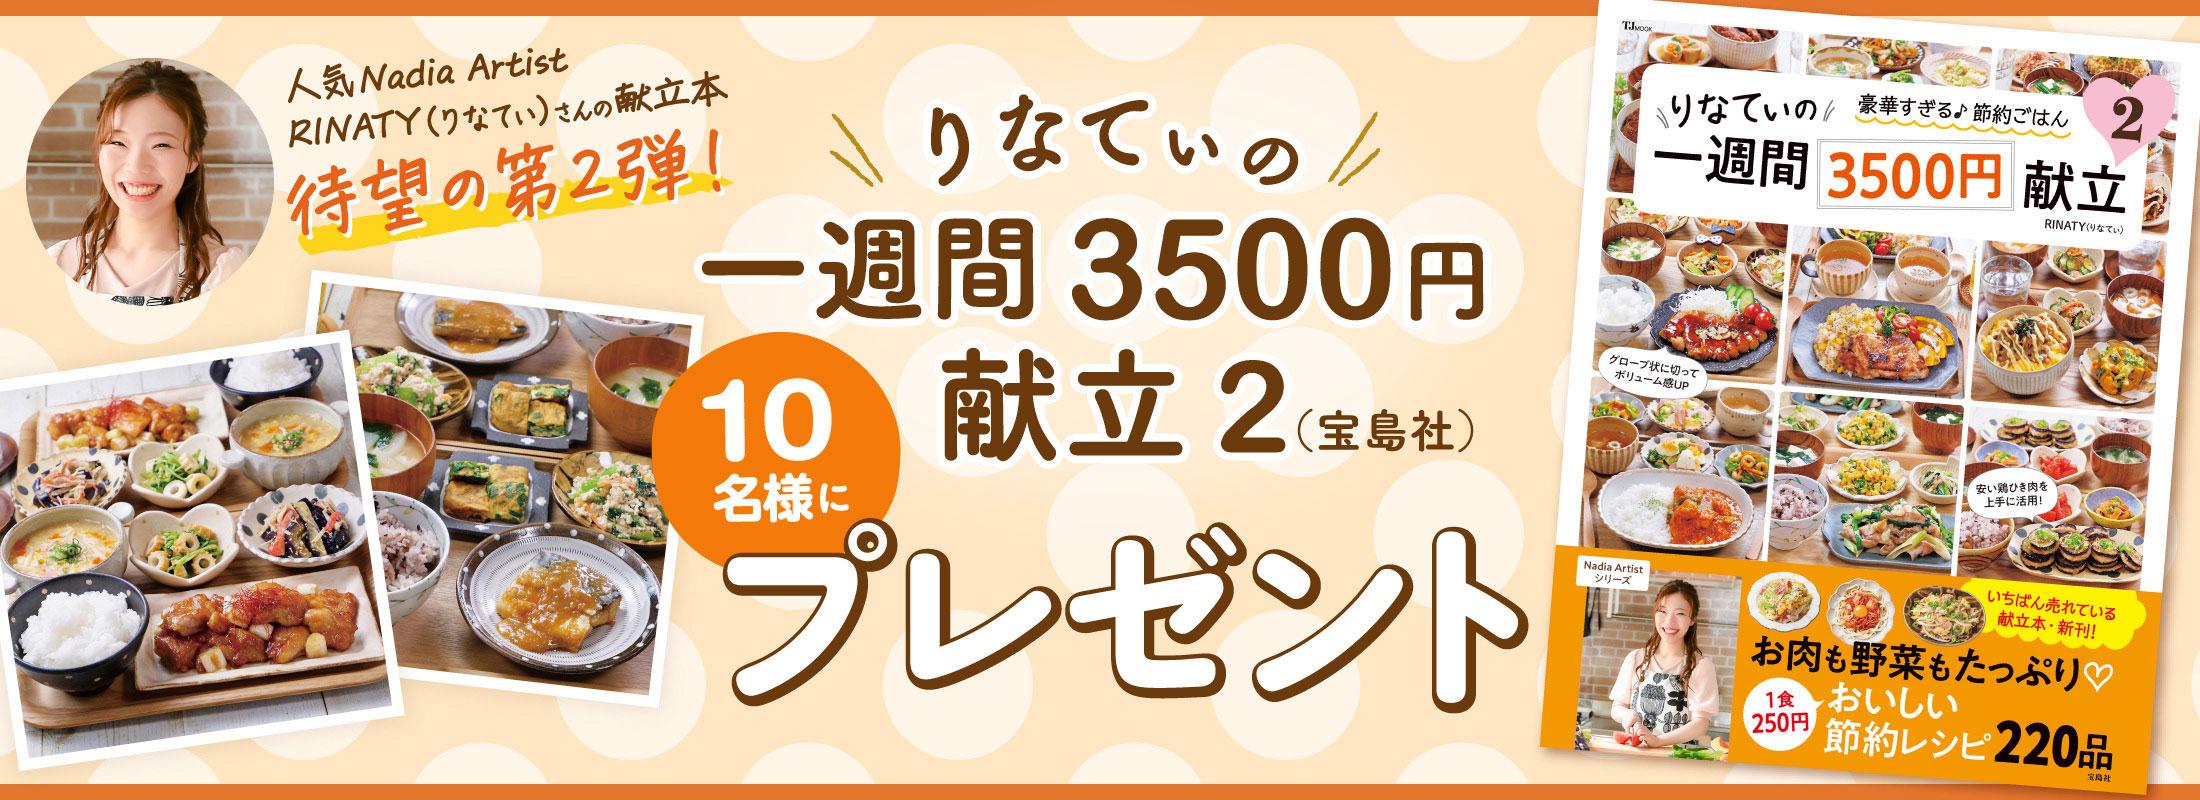 待望の第二弾!『りなてぃの一週間3500円献立 2』(宝島社)を10名様にプレゼント!